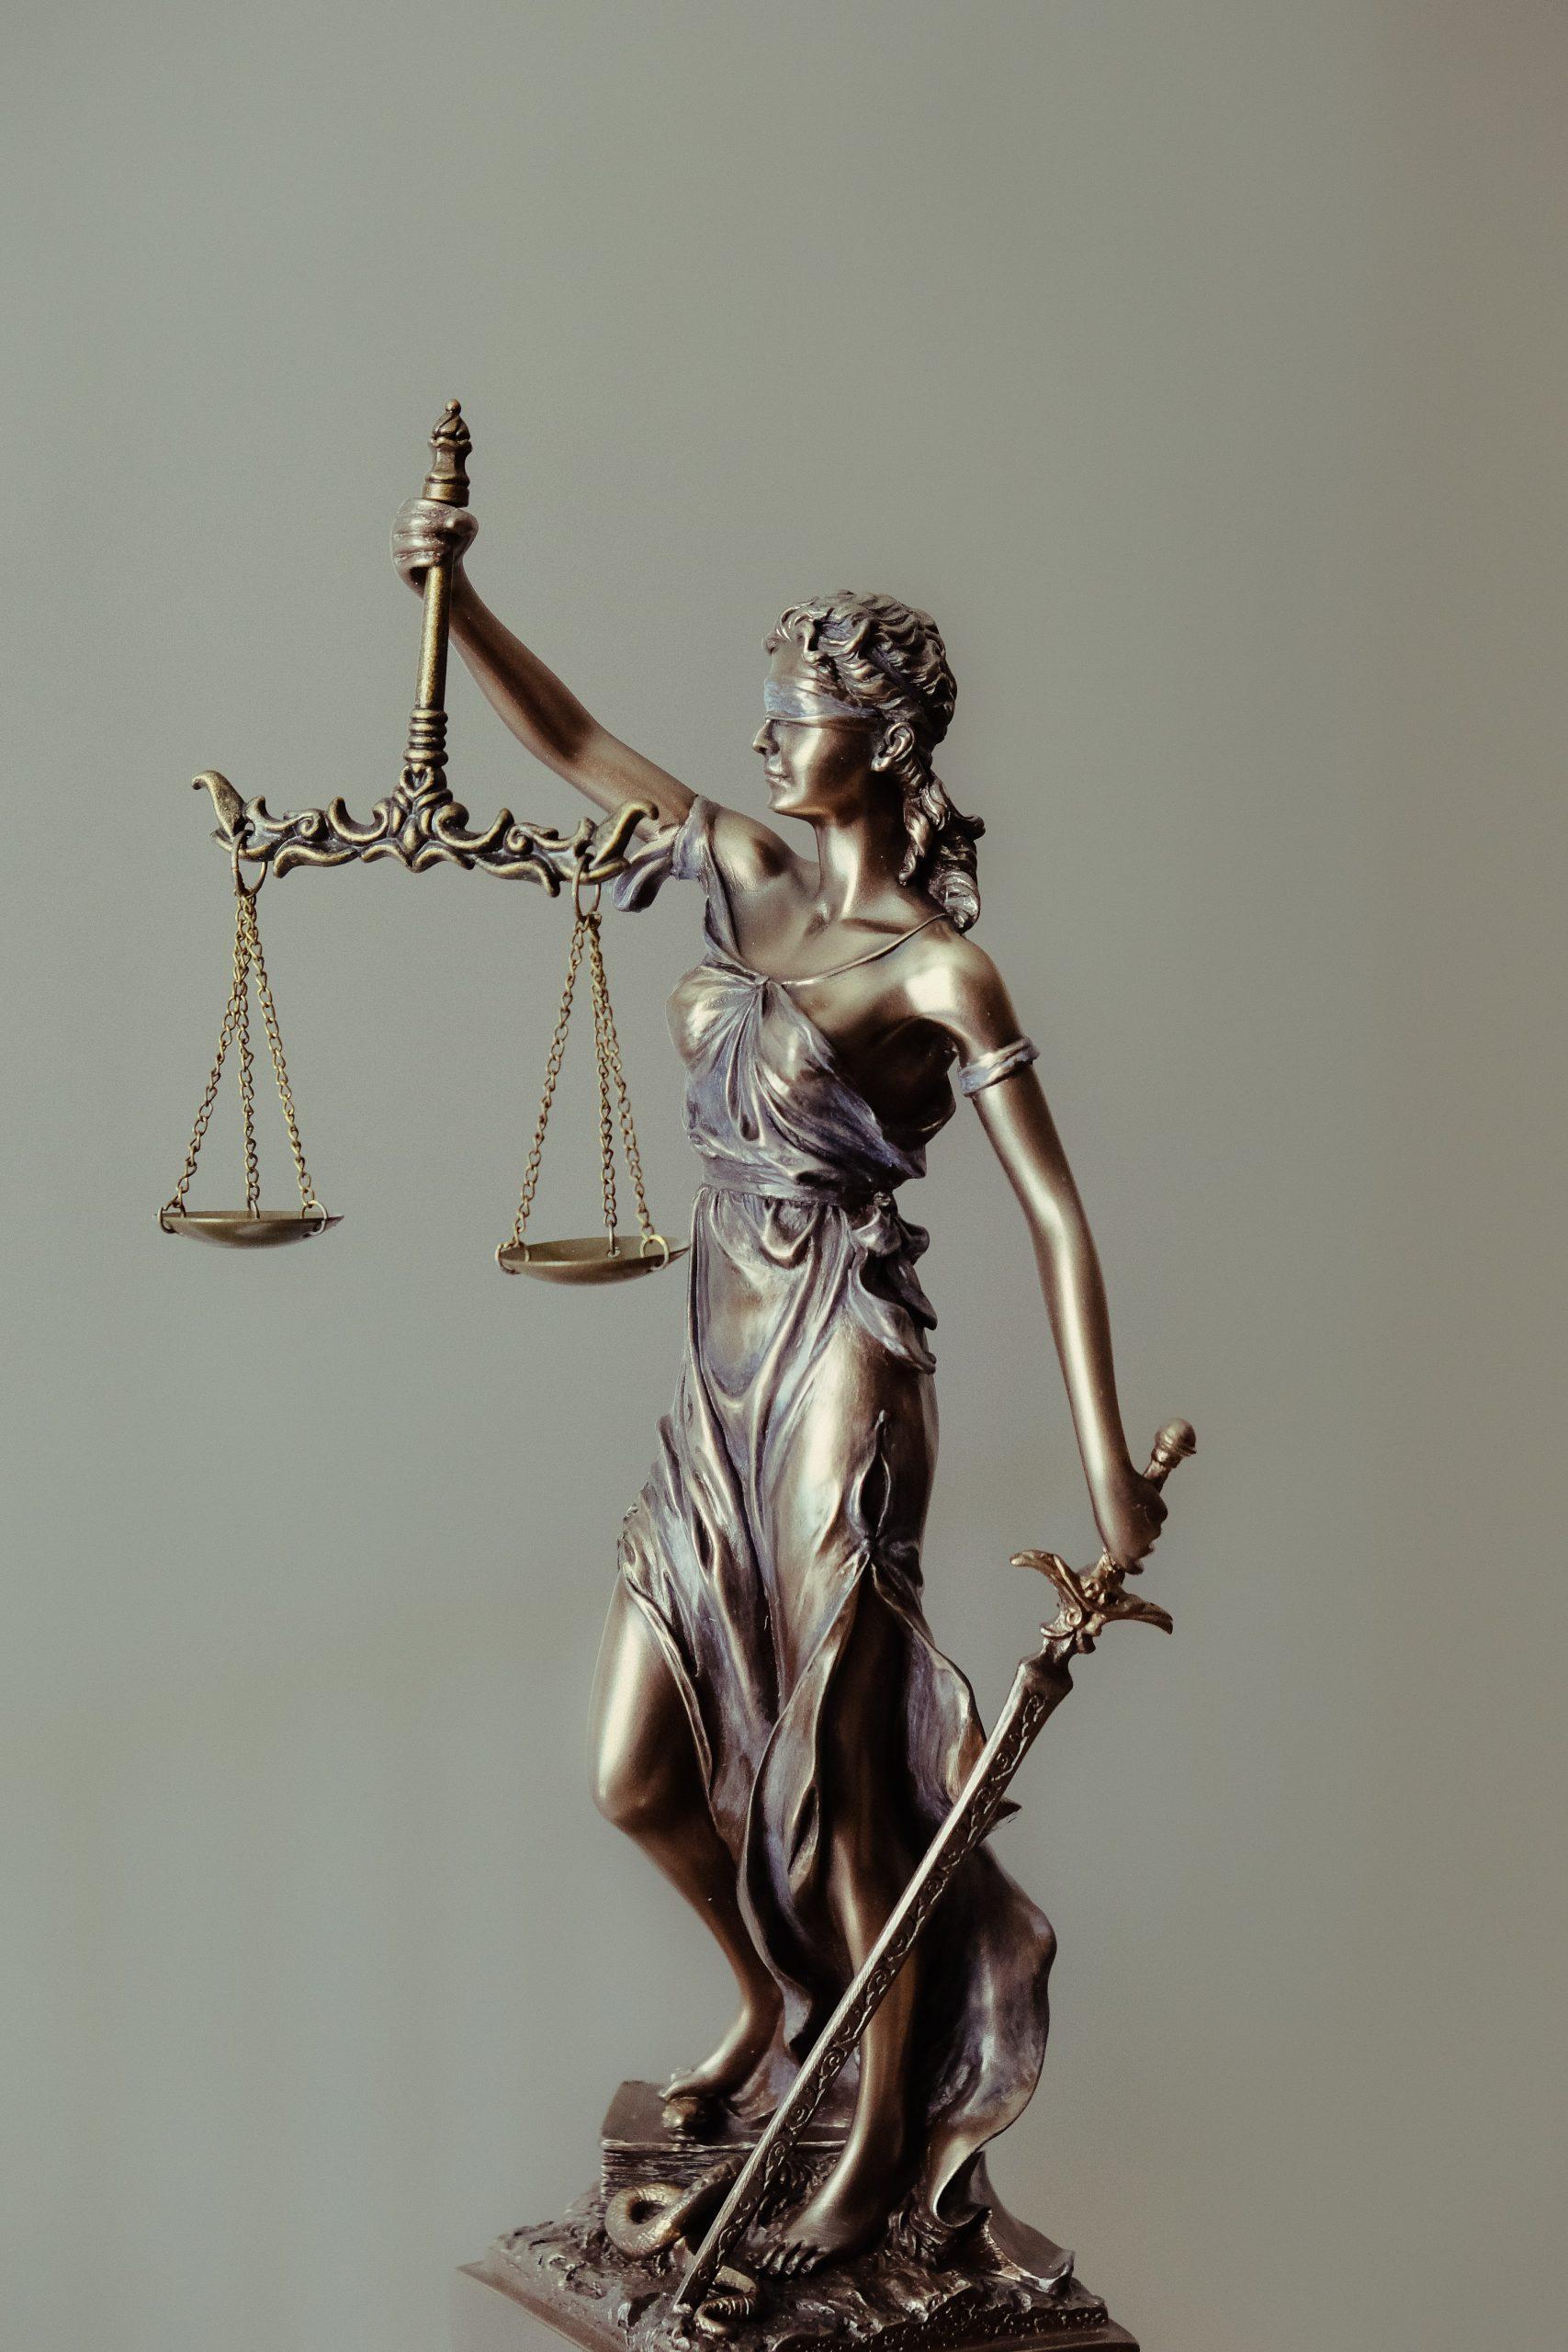 tingey-injury-law-firm-L4YGuSg0fxs-unsplash-scaled